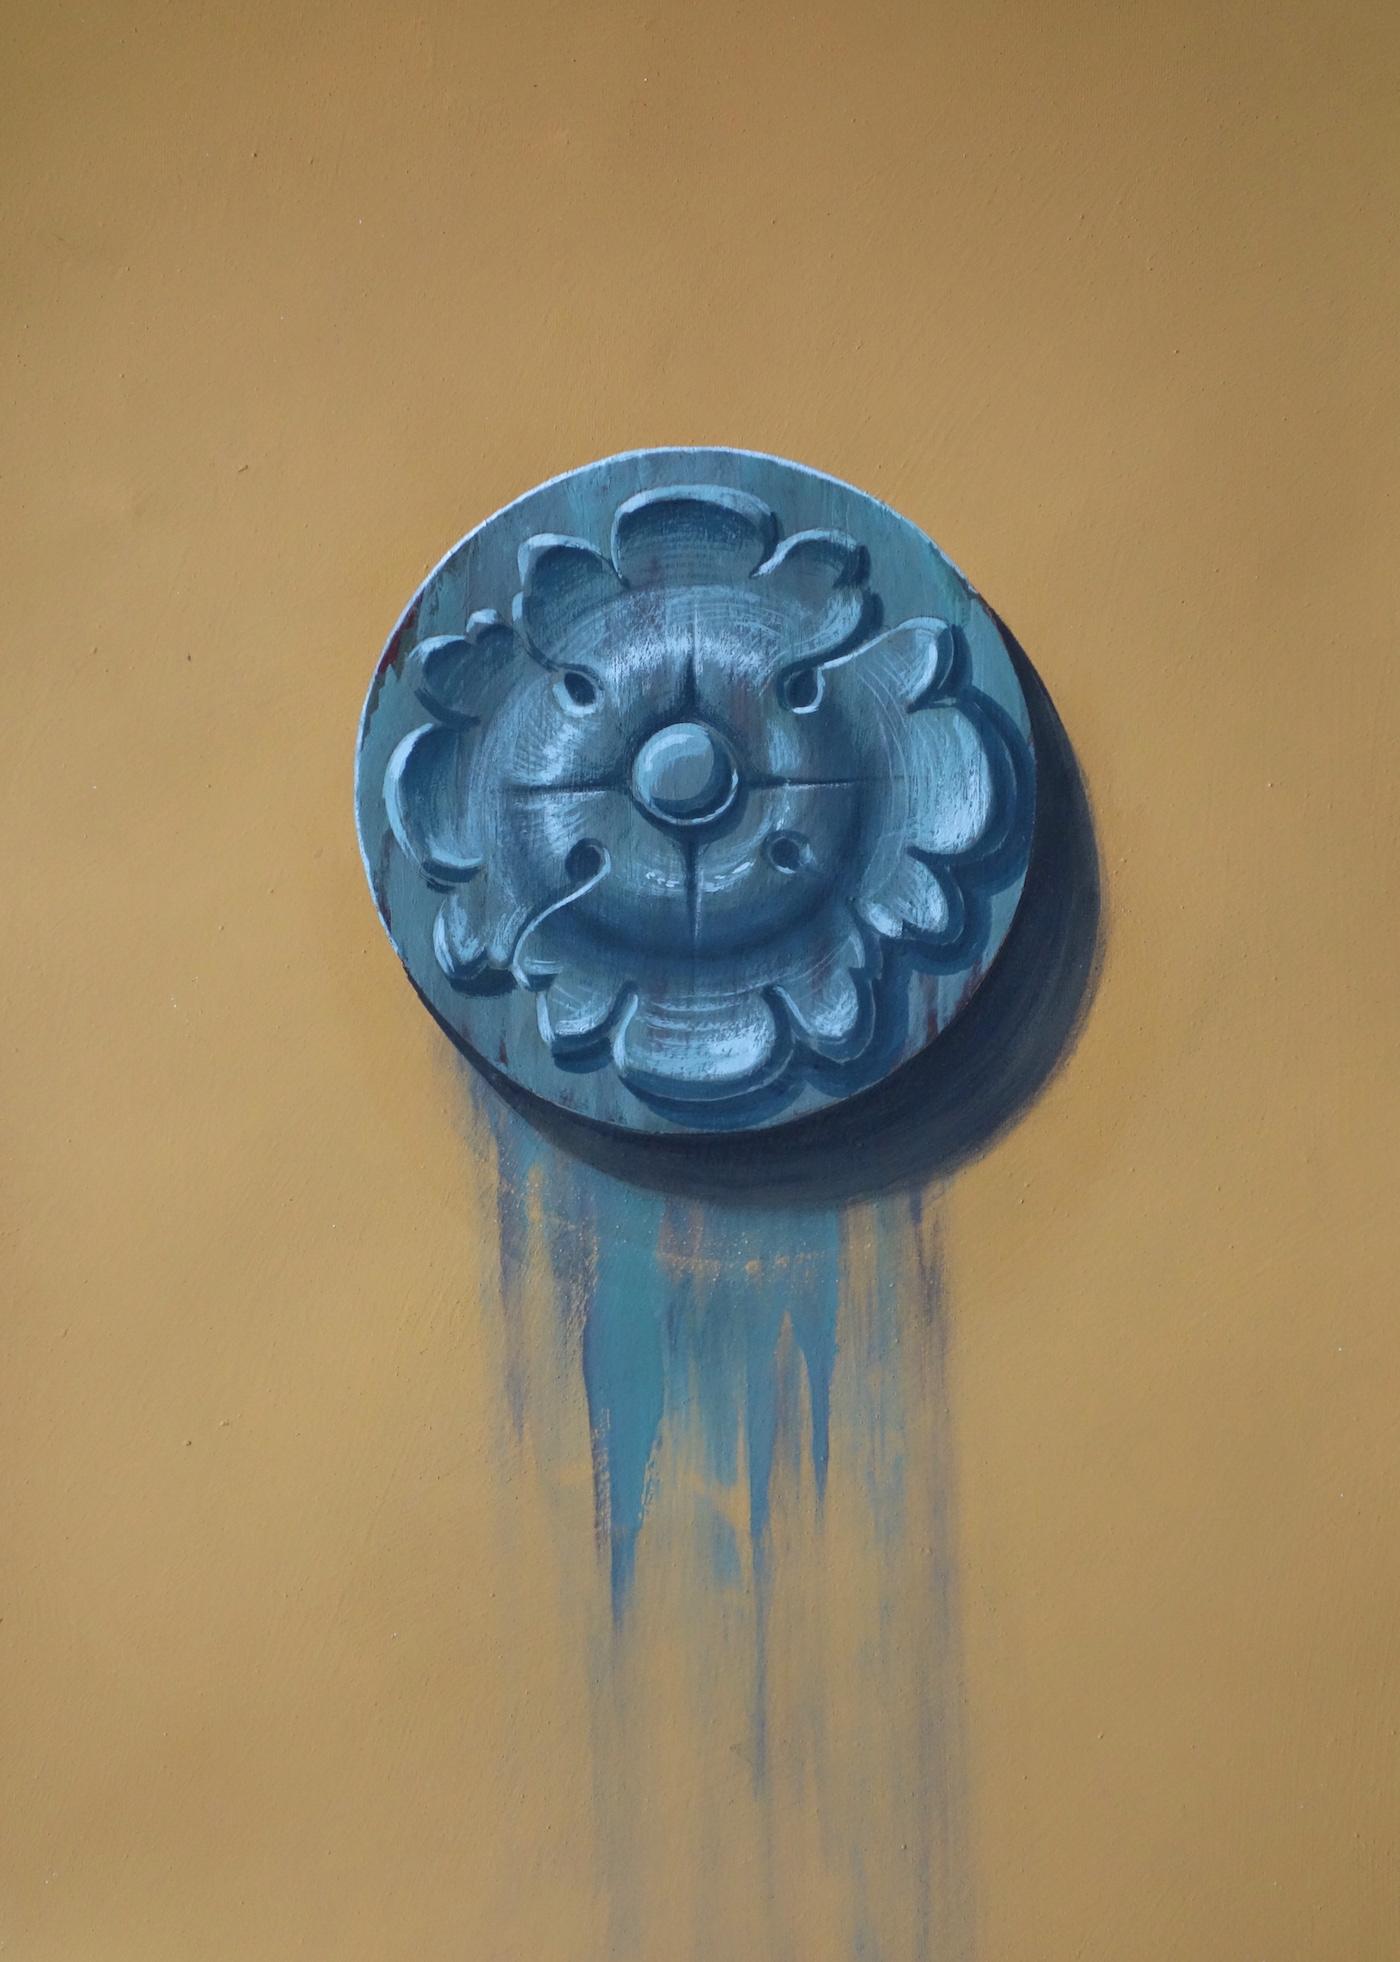 Ornement peint à la peinture minérale